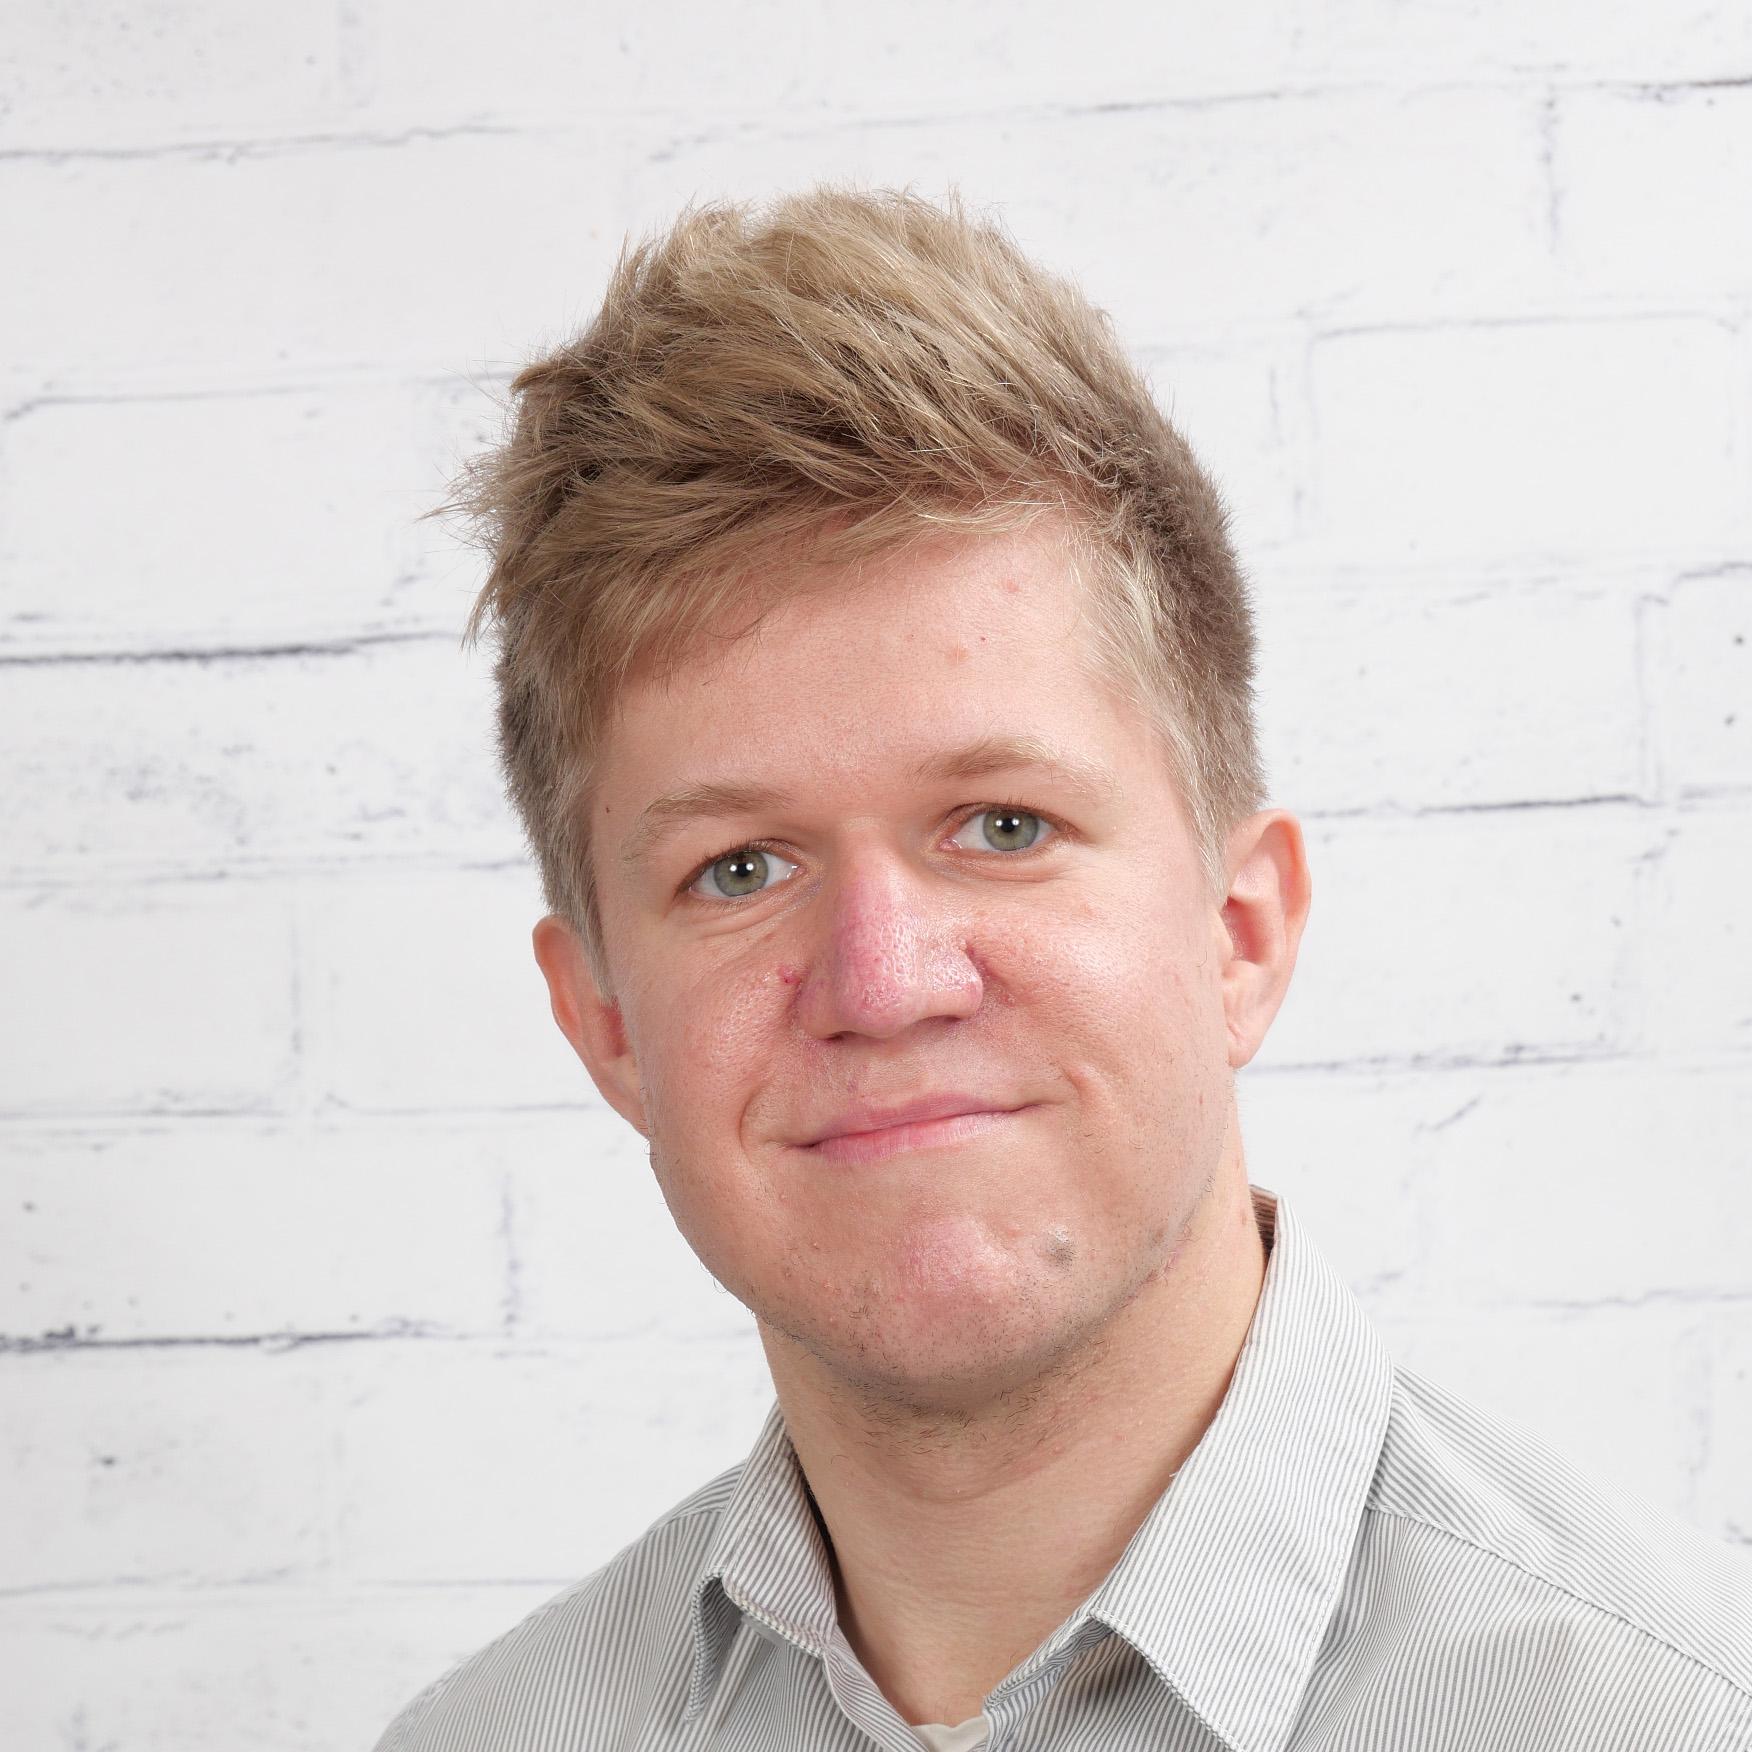 Profilbild von Stephan Steup